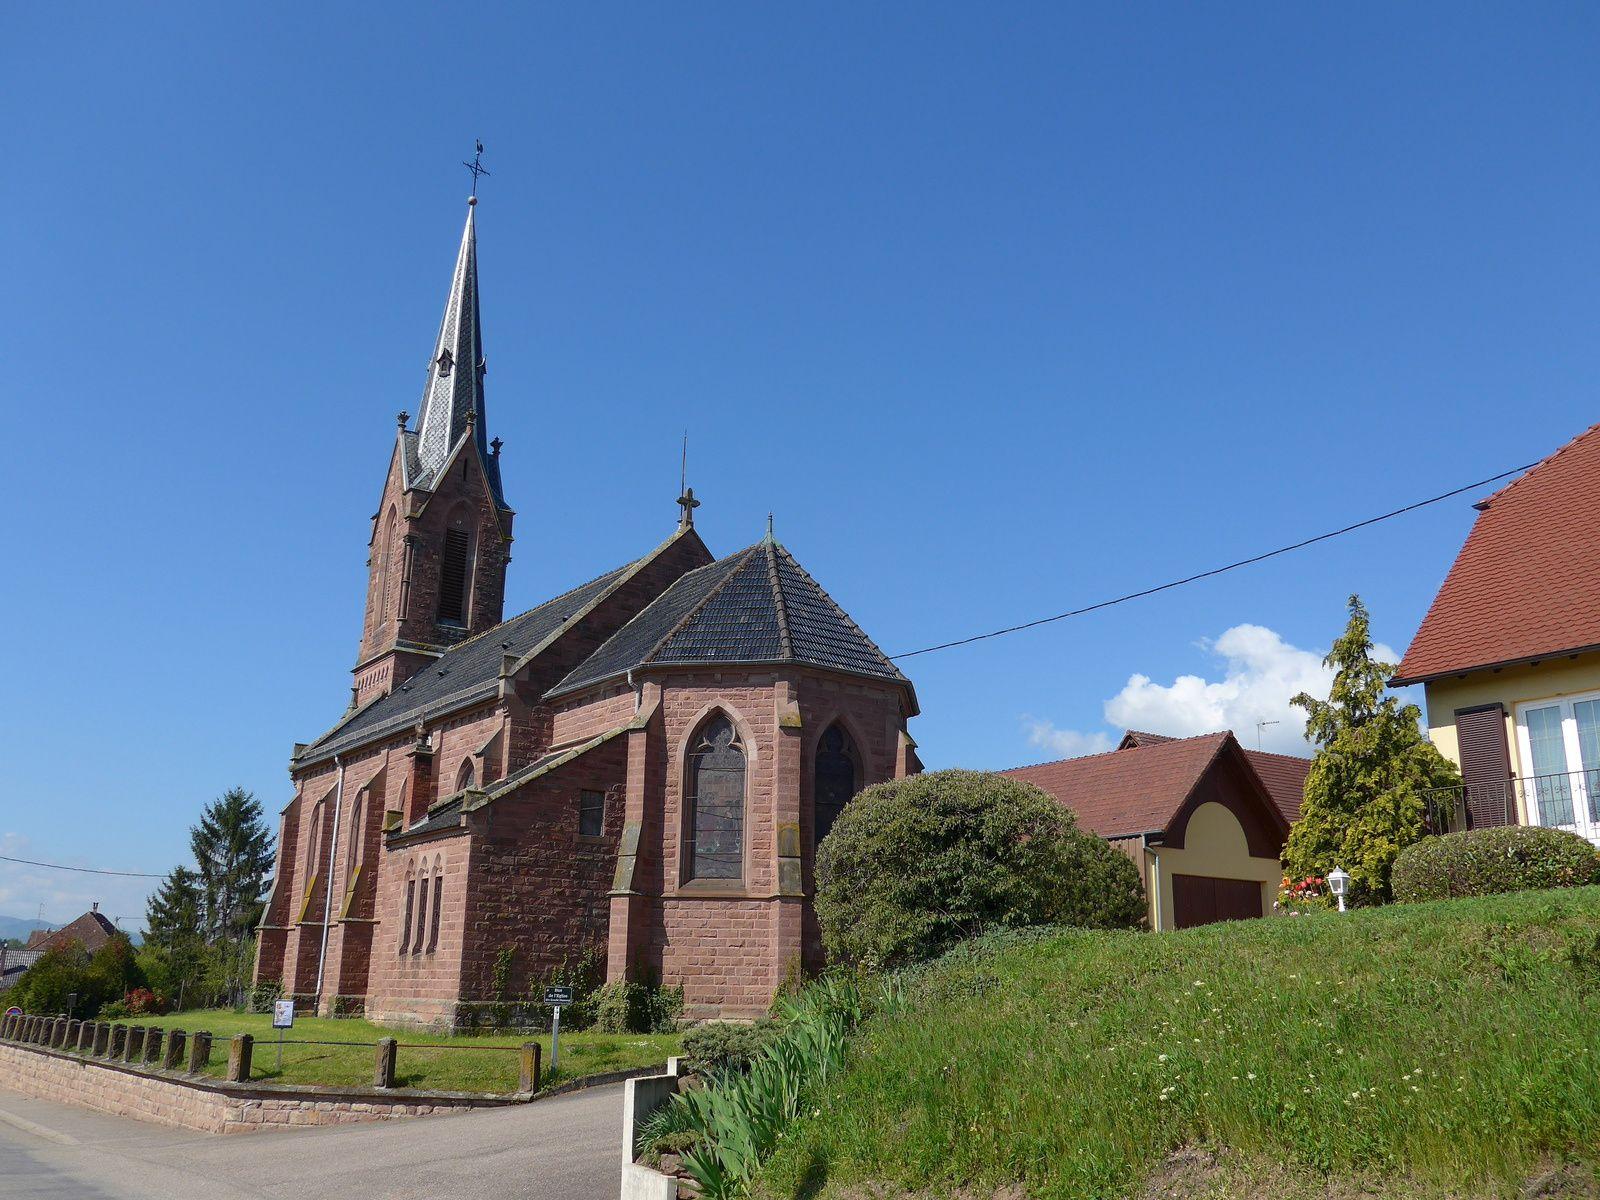 L'église Catholique de Balbronn où est conservé l'armoire eucharistique de 1453, malheureusement l'accés n'est pas possible, elle est fermée.